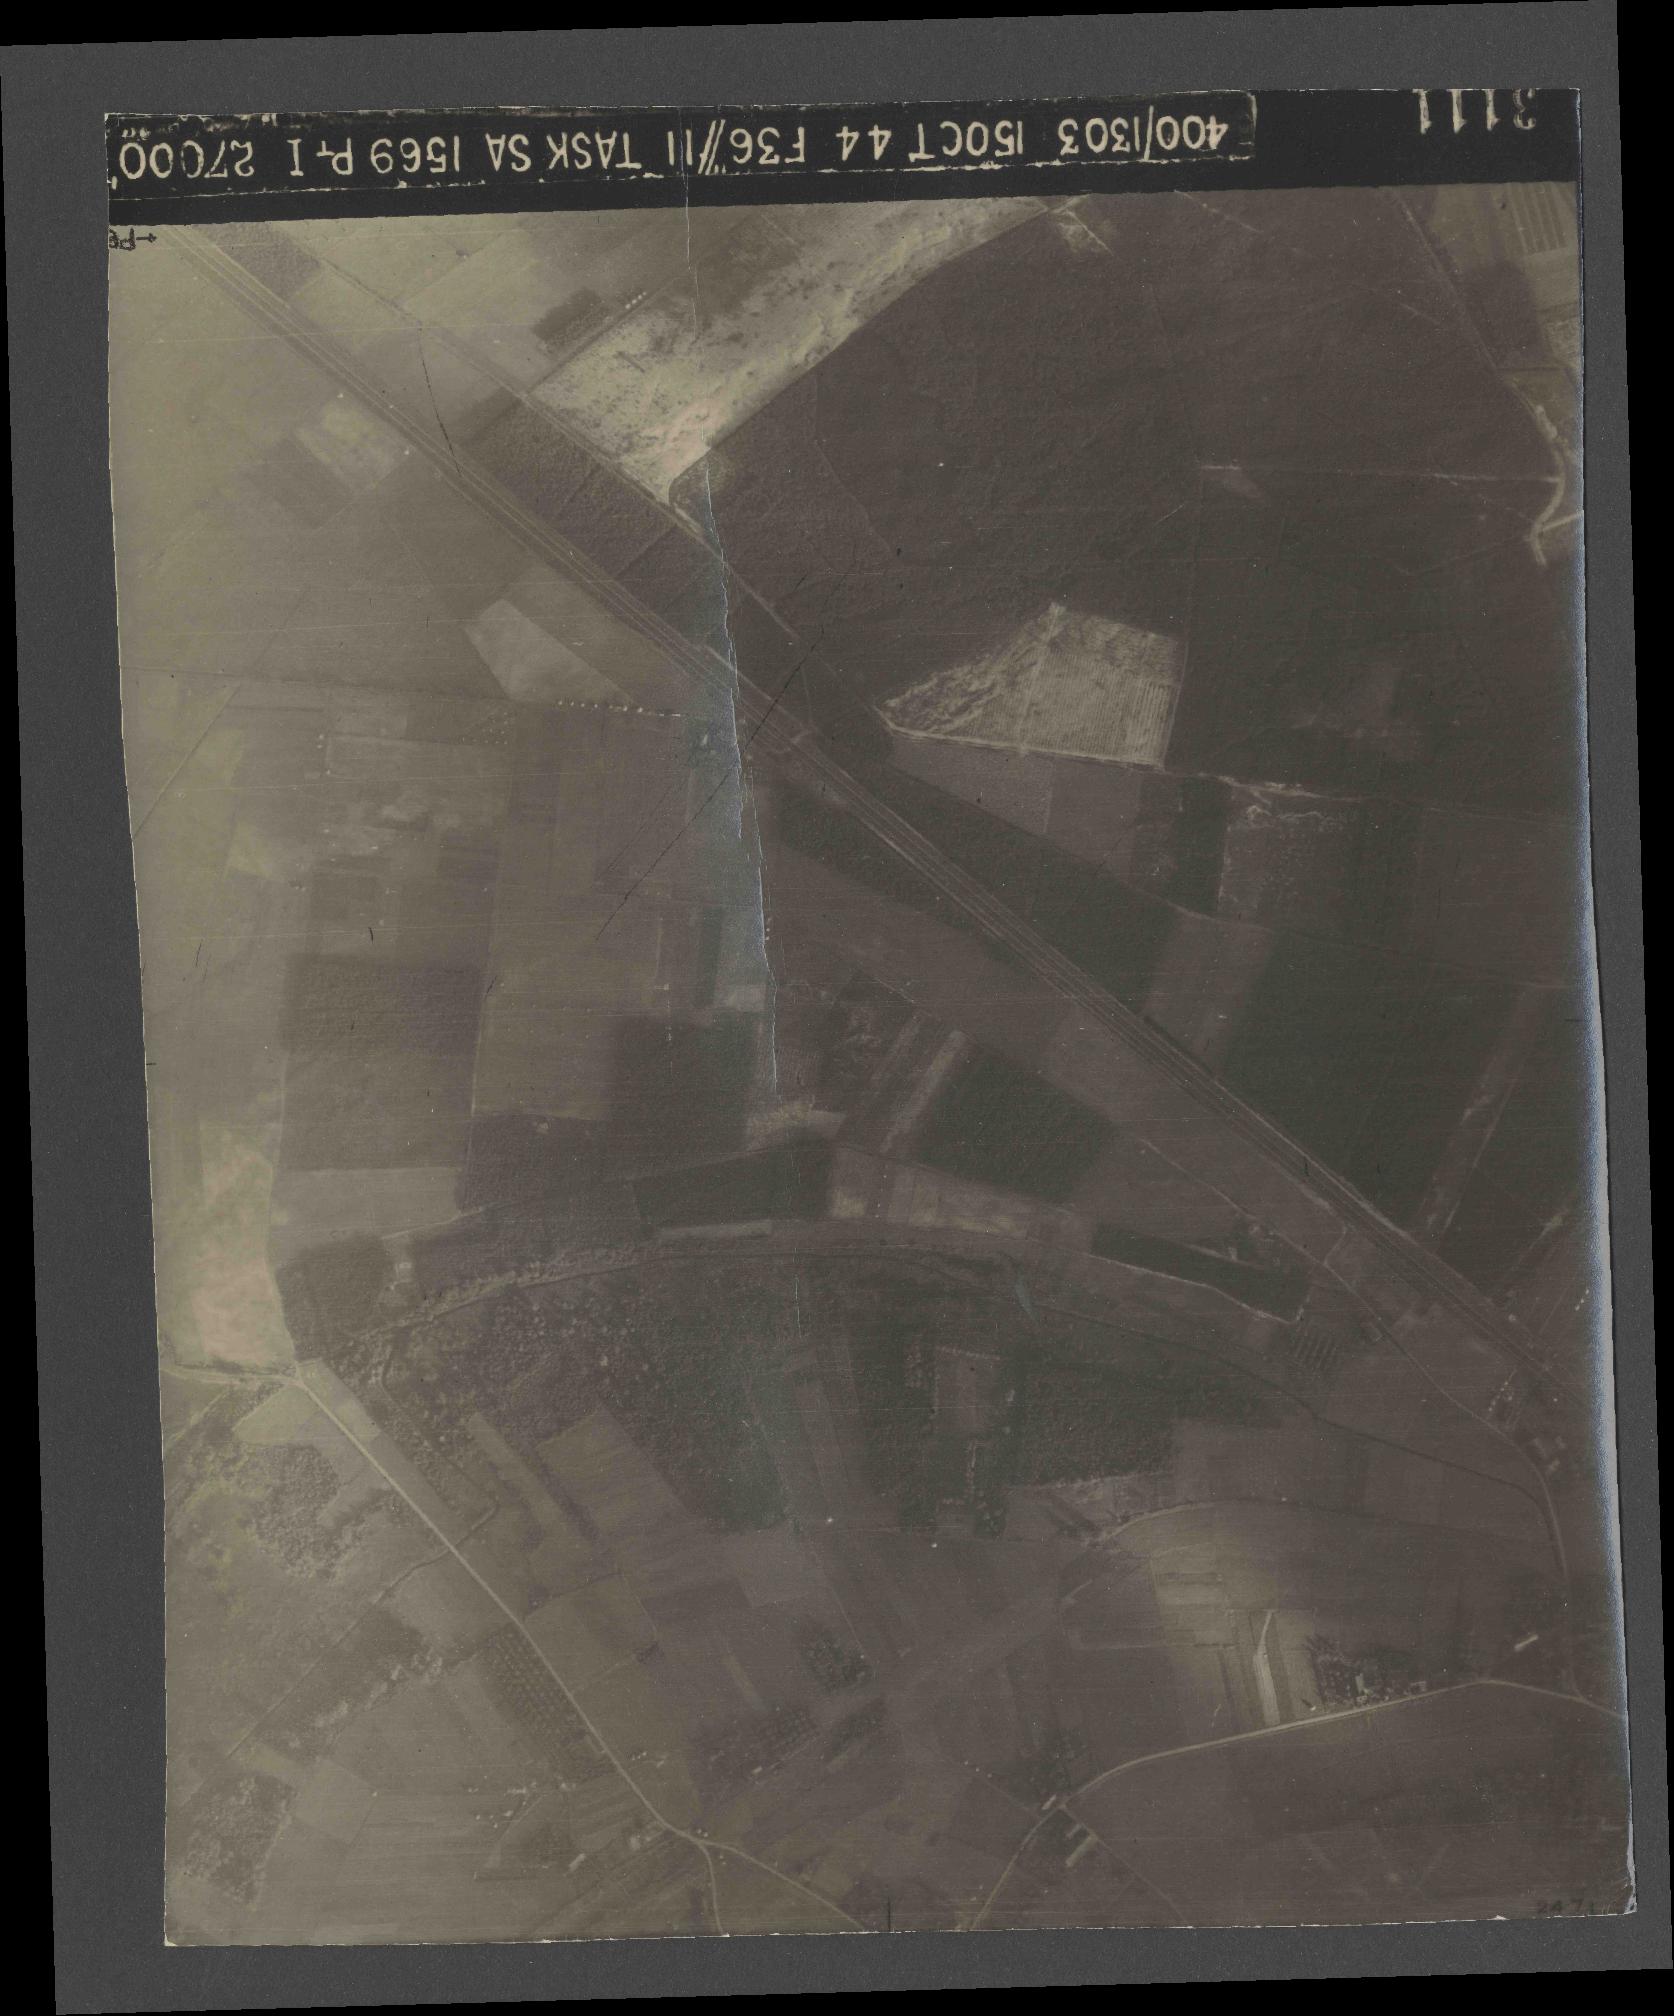 Collection RAF aerial photos 1940-1945 - flight 178, run 32, photo 3111